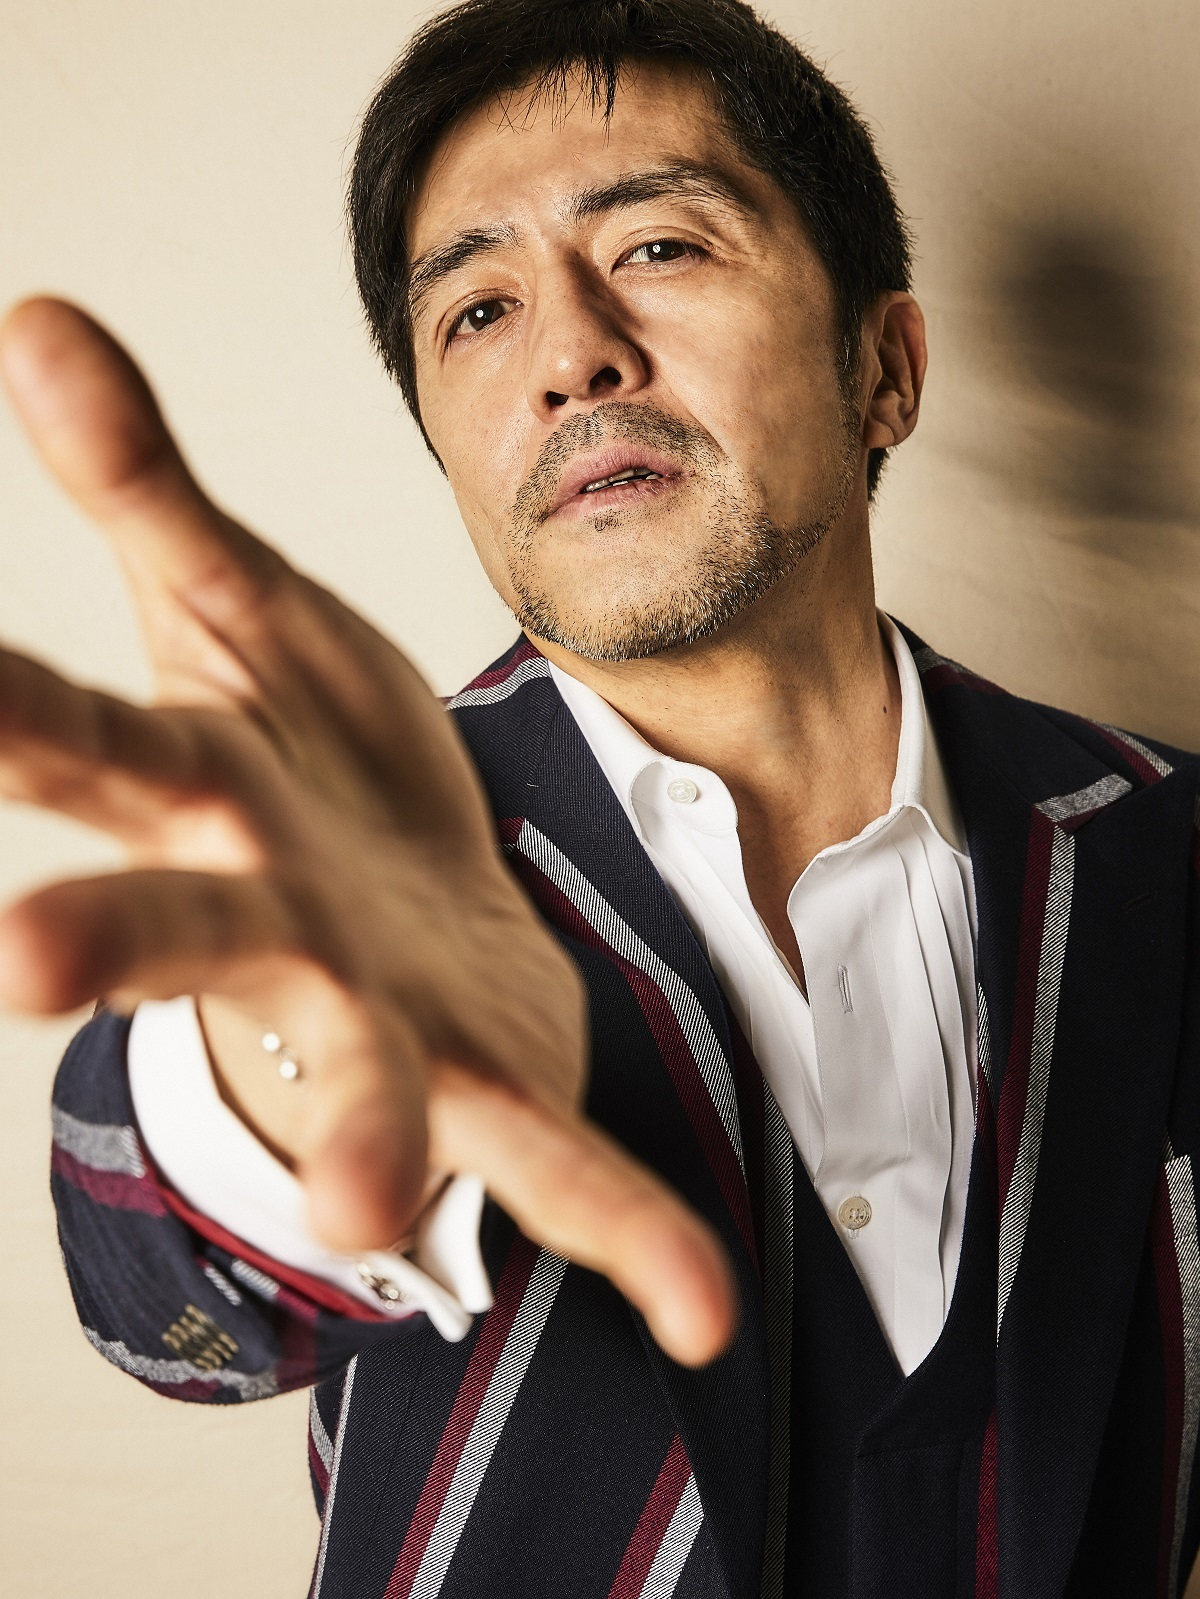 東京スカパラダイスオーケストラ/谷中敦 撮影=横井明彦